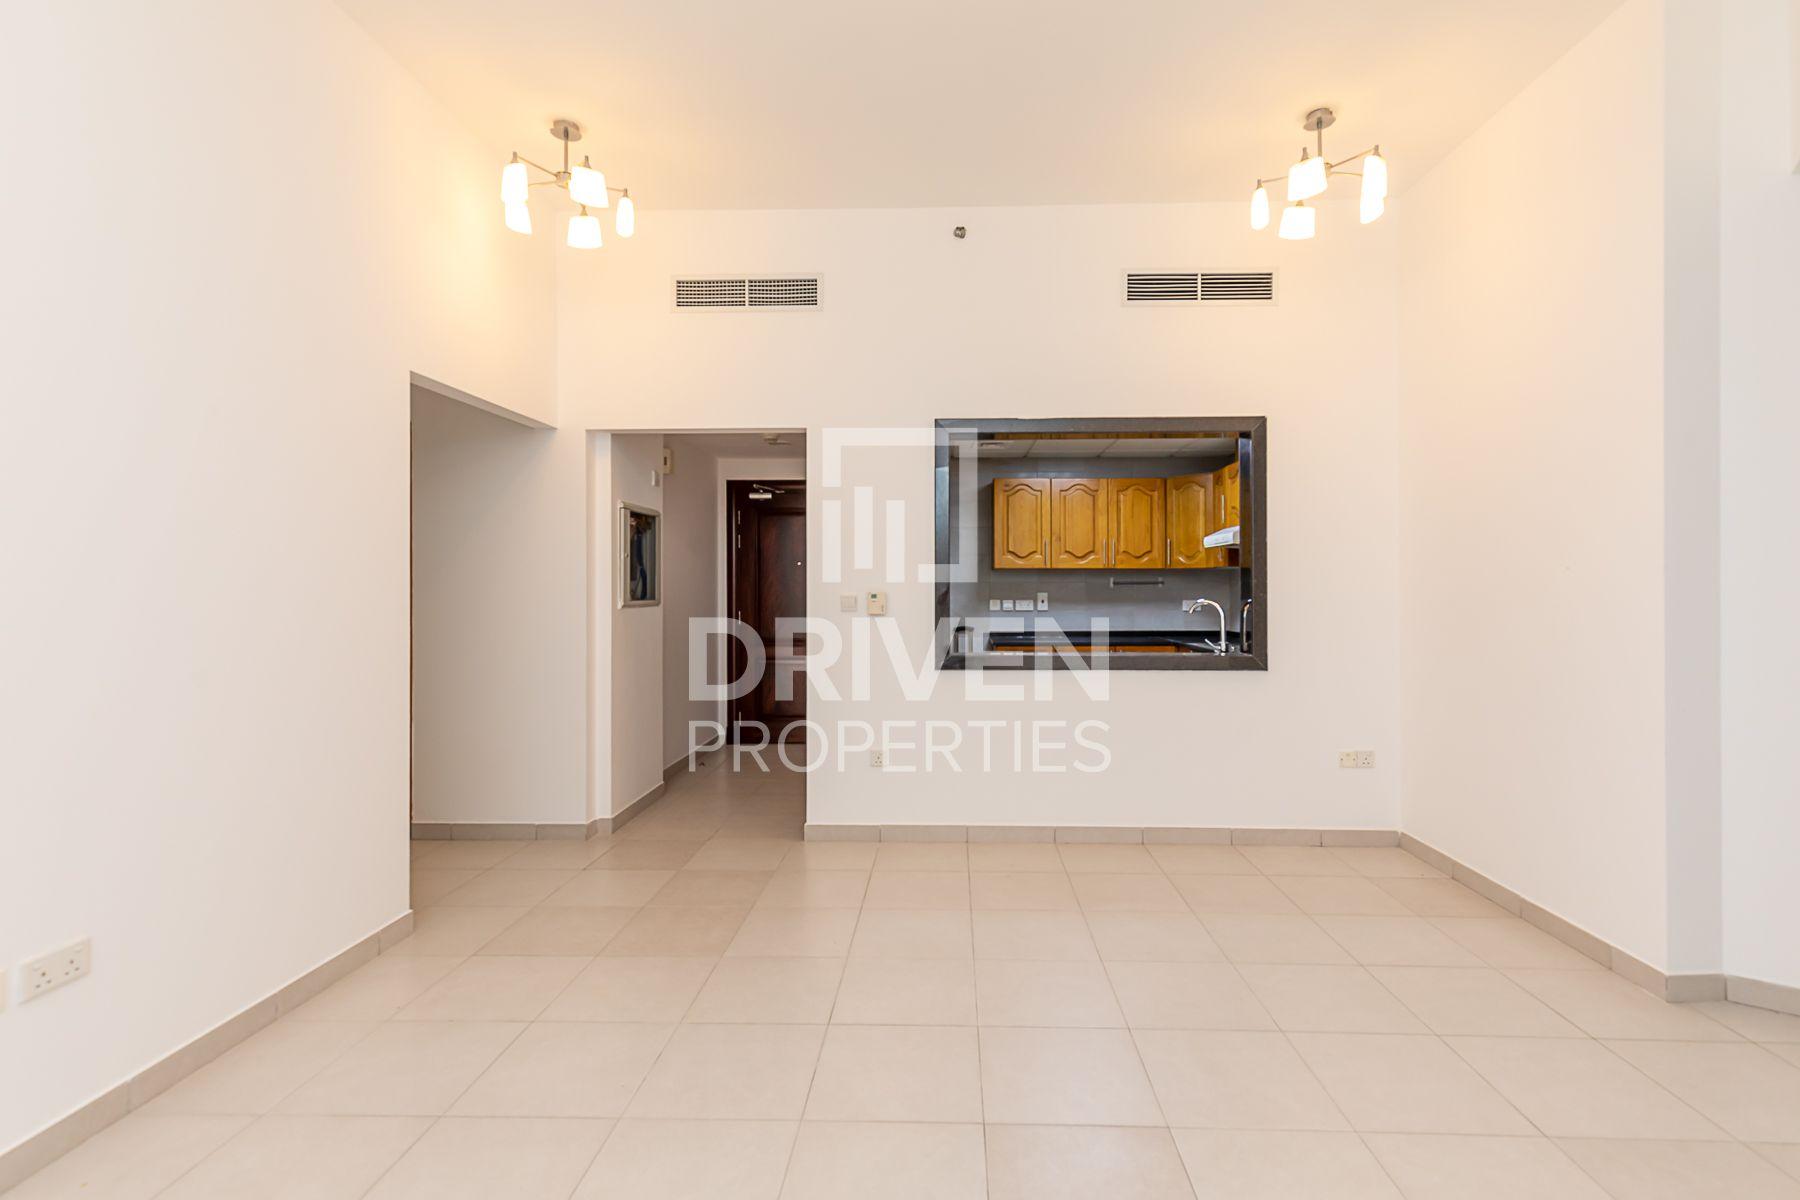 للايجار - شقة - البرج الأزرق - شارع الشيخ زايد